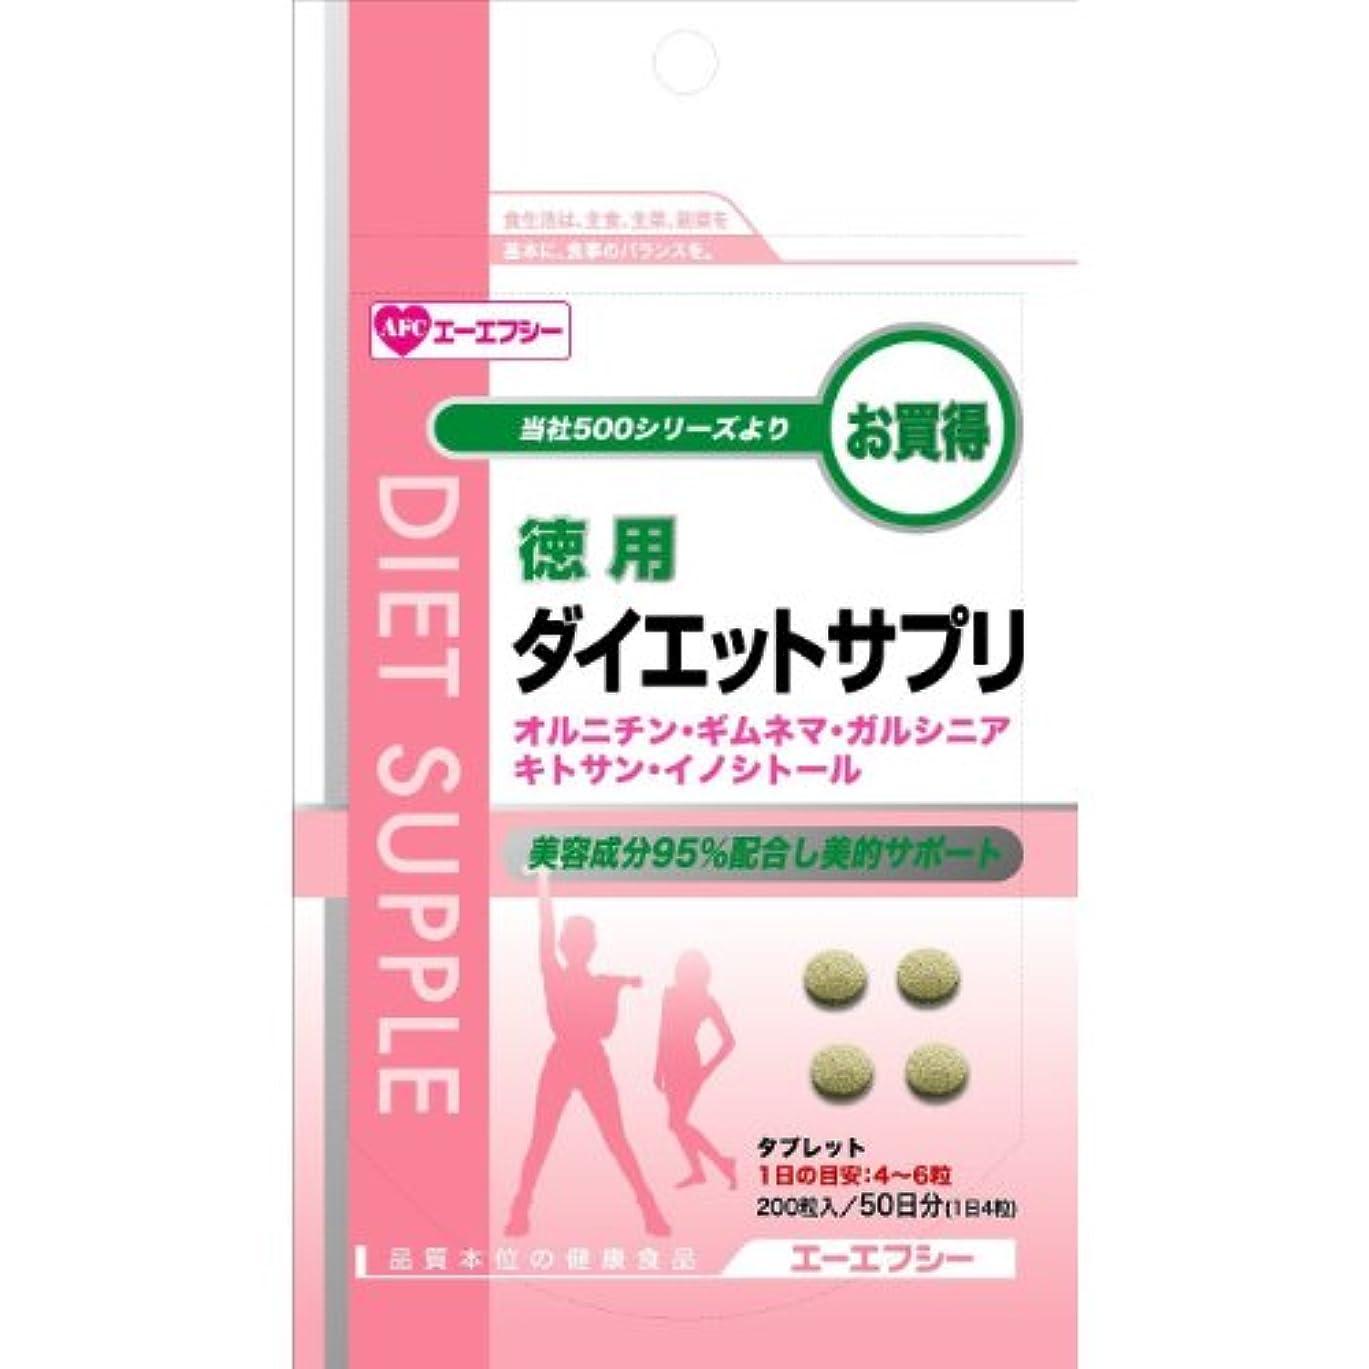 お手入れじゃがいもスキルAFC980円シリーズ 徳用 ダイエットサプリ 200粒入 (約50日分)【6袋セット】